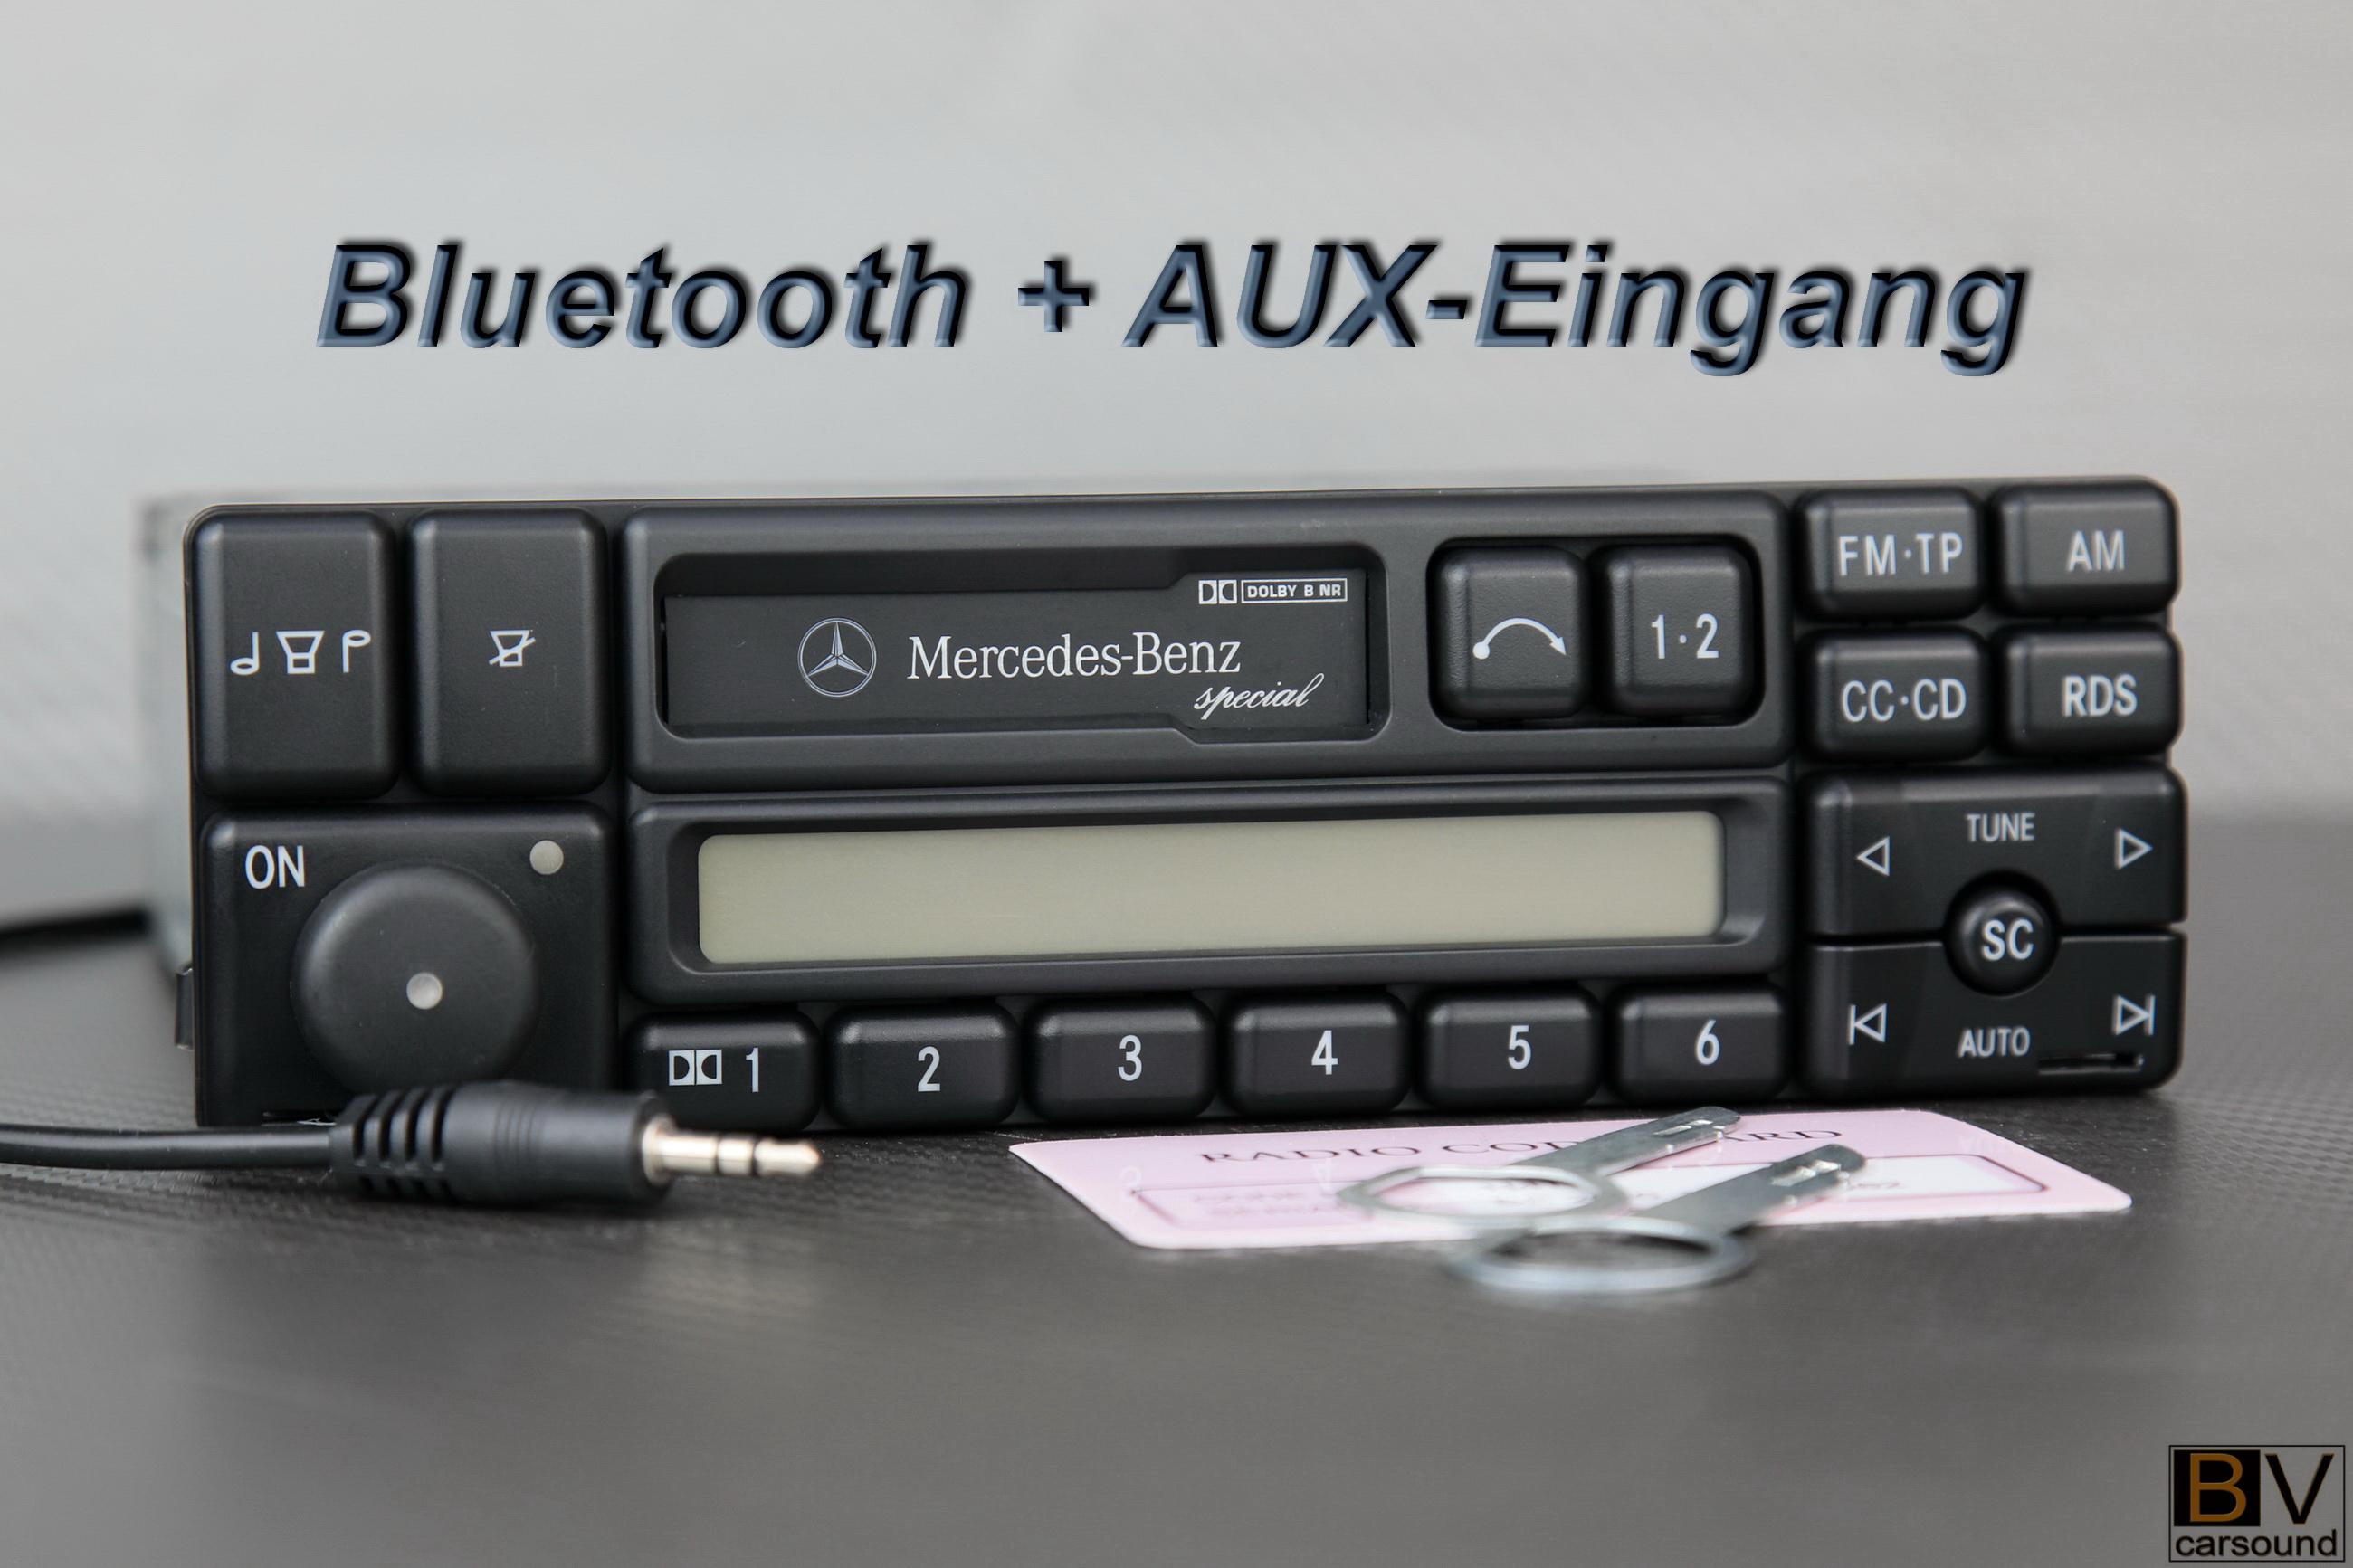 Mercedes-benz Classic aux-en w124 r129 r170 w140 w202 w463 radio becker be1150